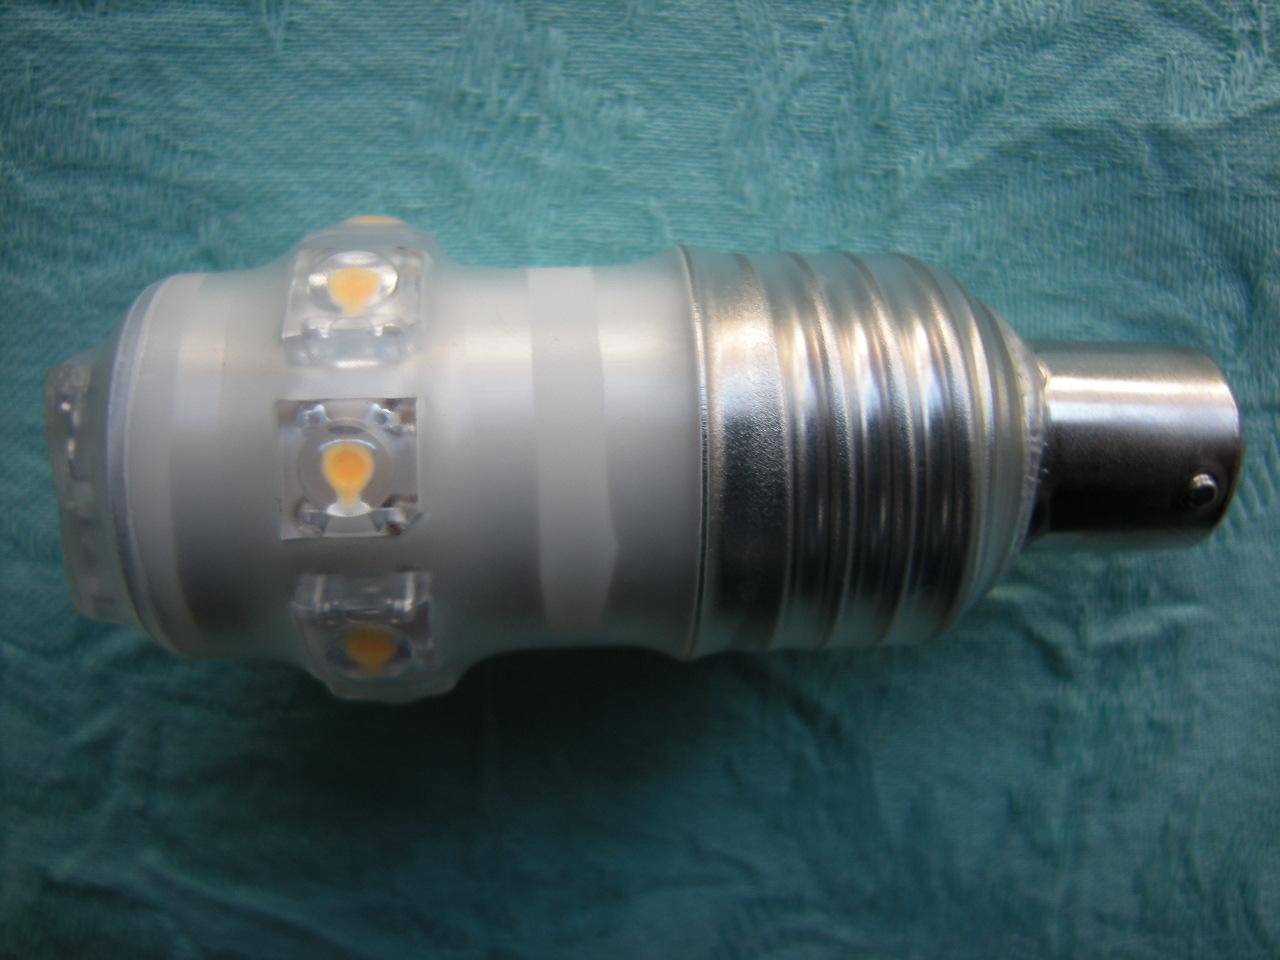 『エコタマ君A』 12V 高照度タイプ